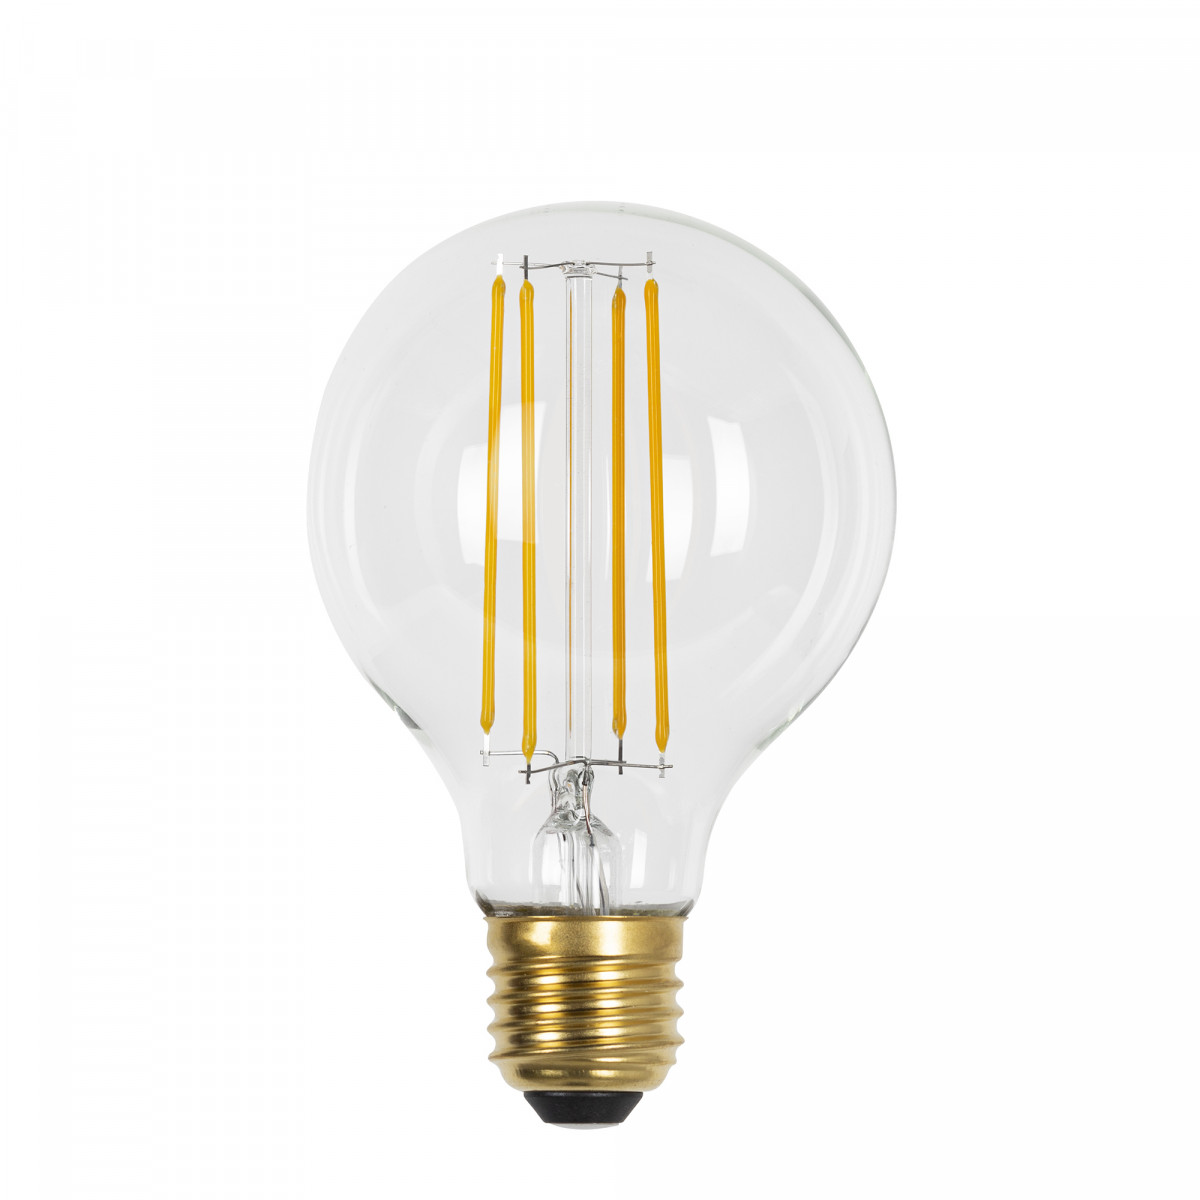 ledlamp globe E27 dimbaar led lichtbron